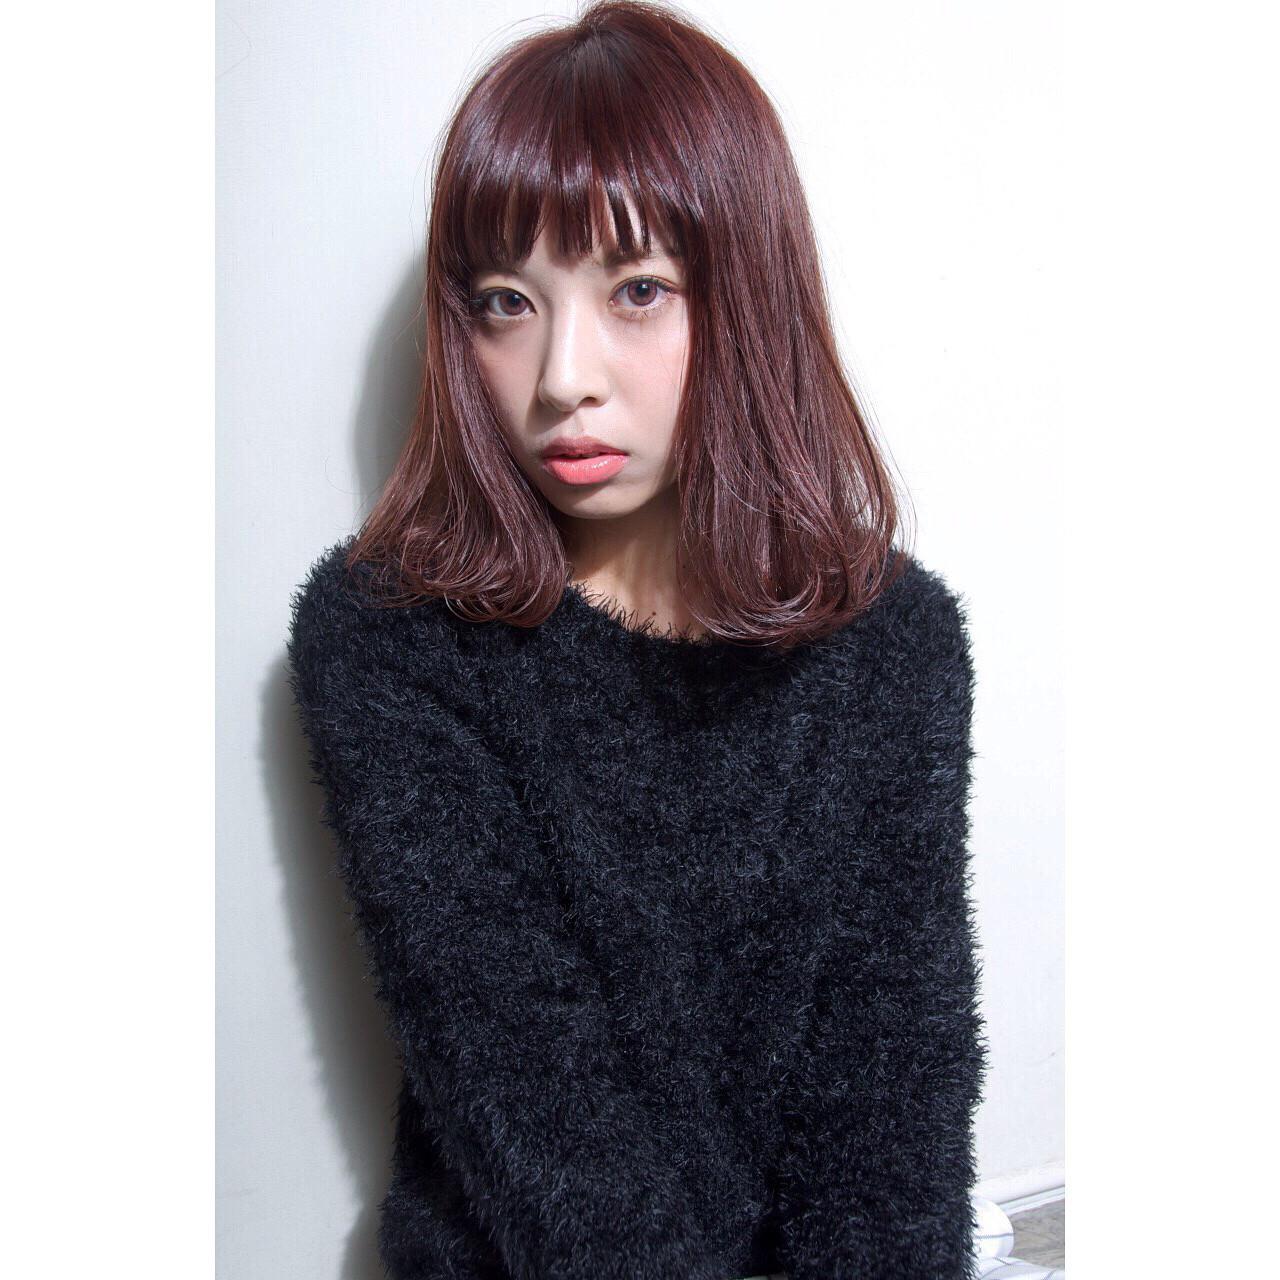 ボブ ストリート パーマ 暗髪 ヘアスタイルや髪型の写真・画像 | Ryota Yamamoto Daisy / Daisy